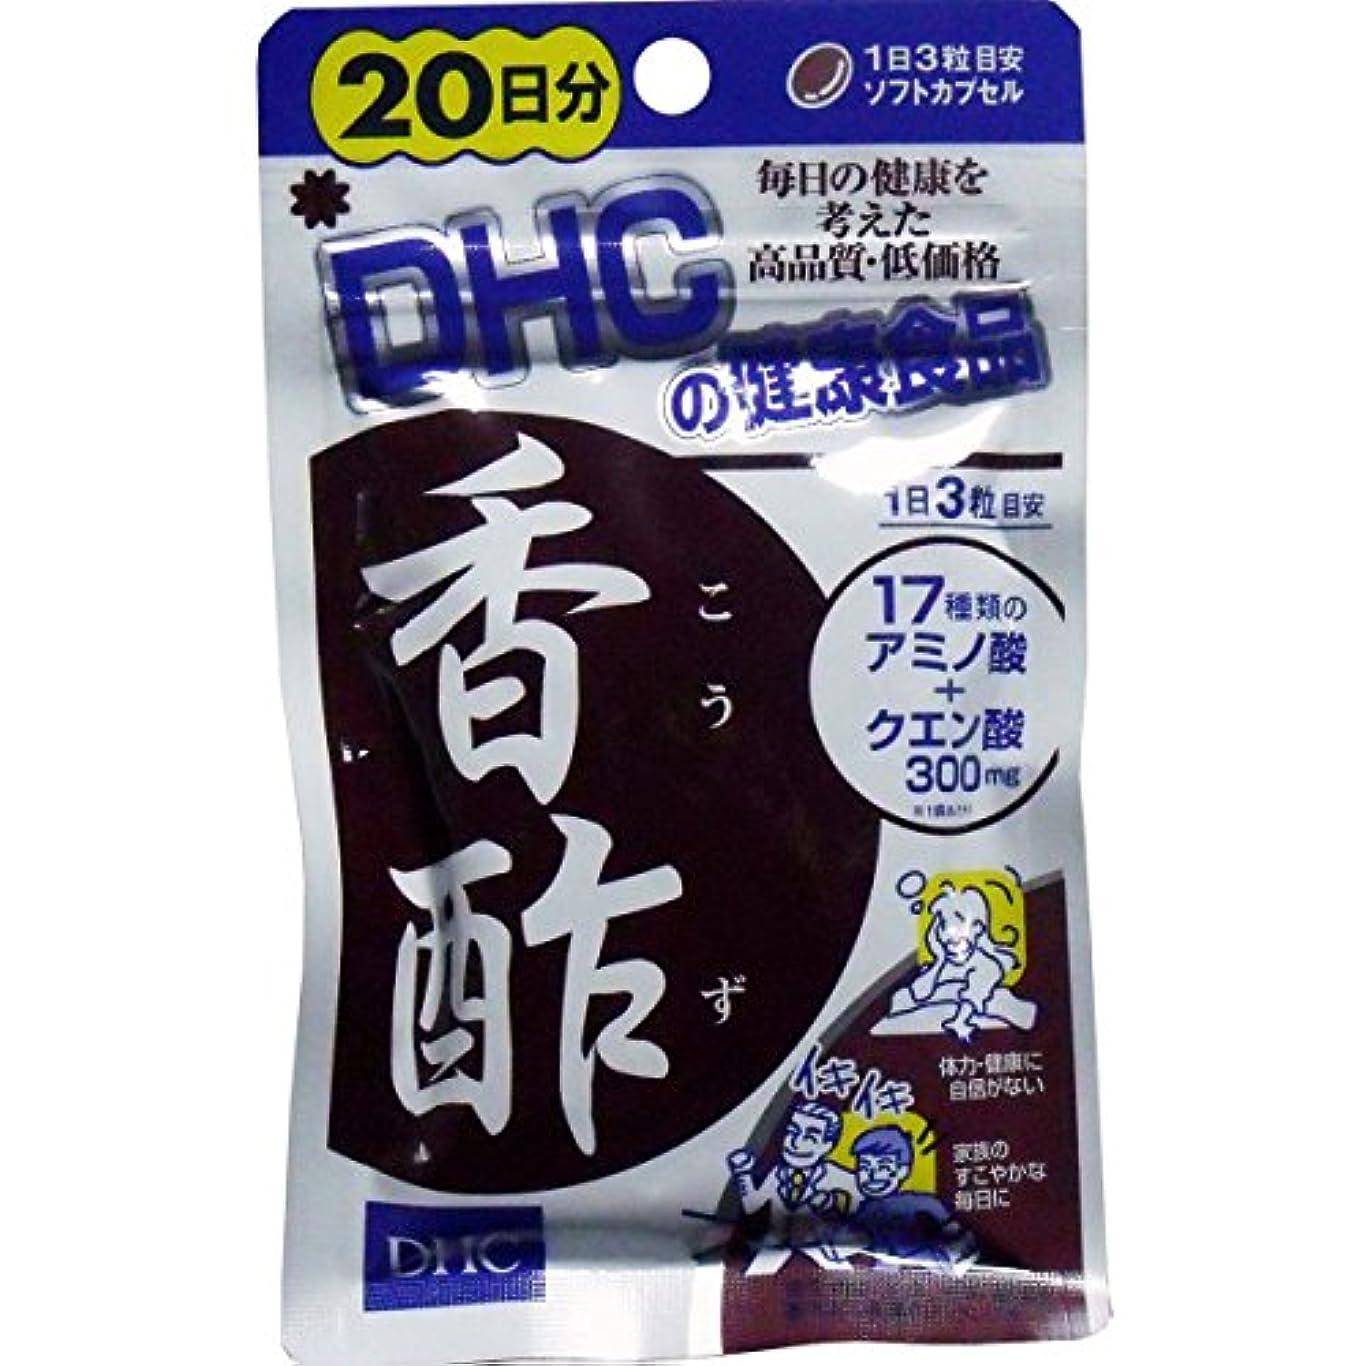 以上忌避剤レガシーDHC 香酢 20日分 60粒入「2点セット」